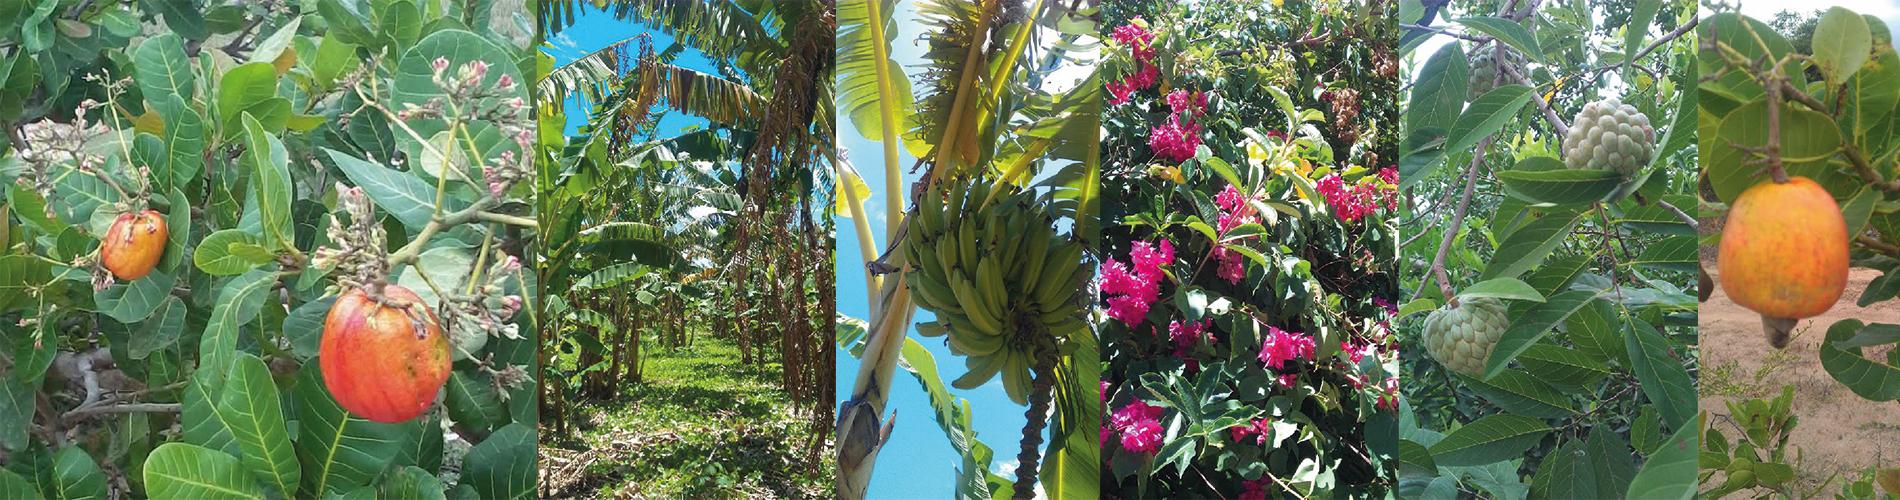 nosnavida-pflanzen-auf-der-farm